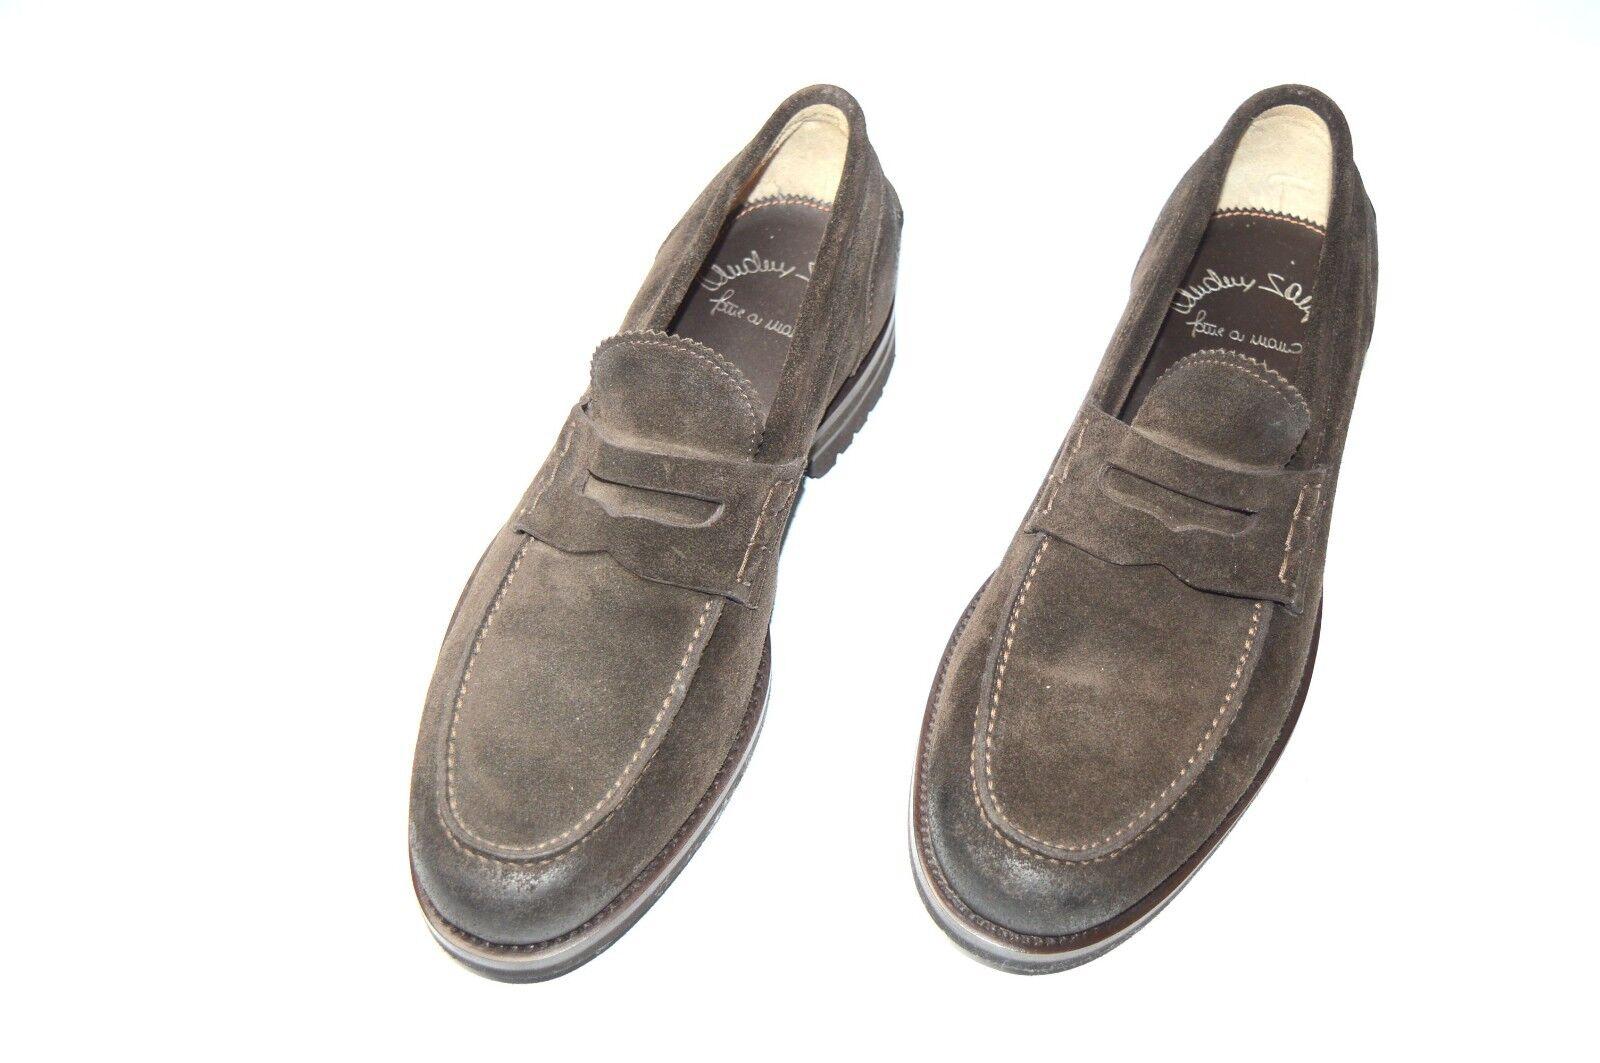 NEW SANTONI Pelle Shoes Dress Size Size Size Eu 40.5 Uk 6.5 Us 7.5 (MA 1) de2da6